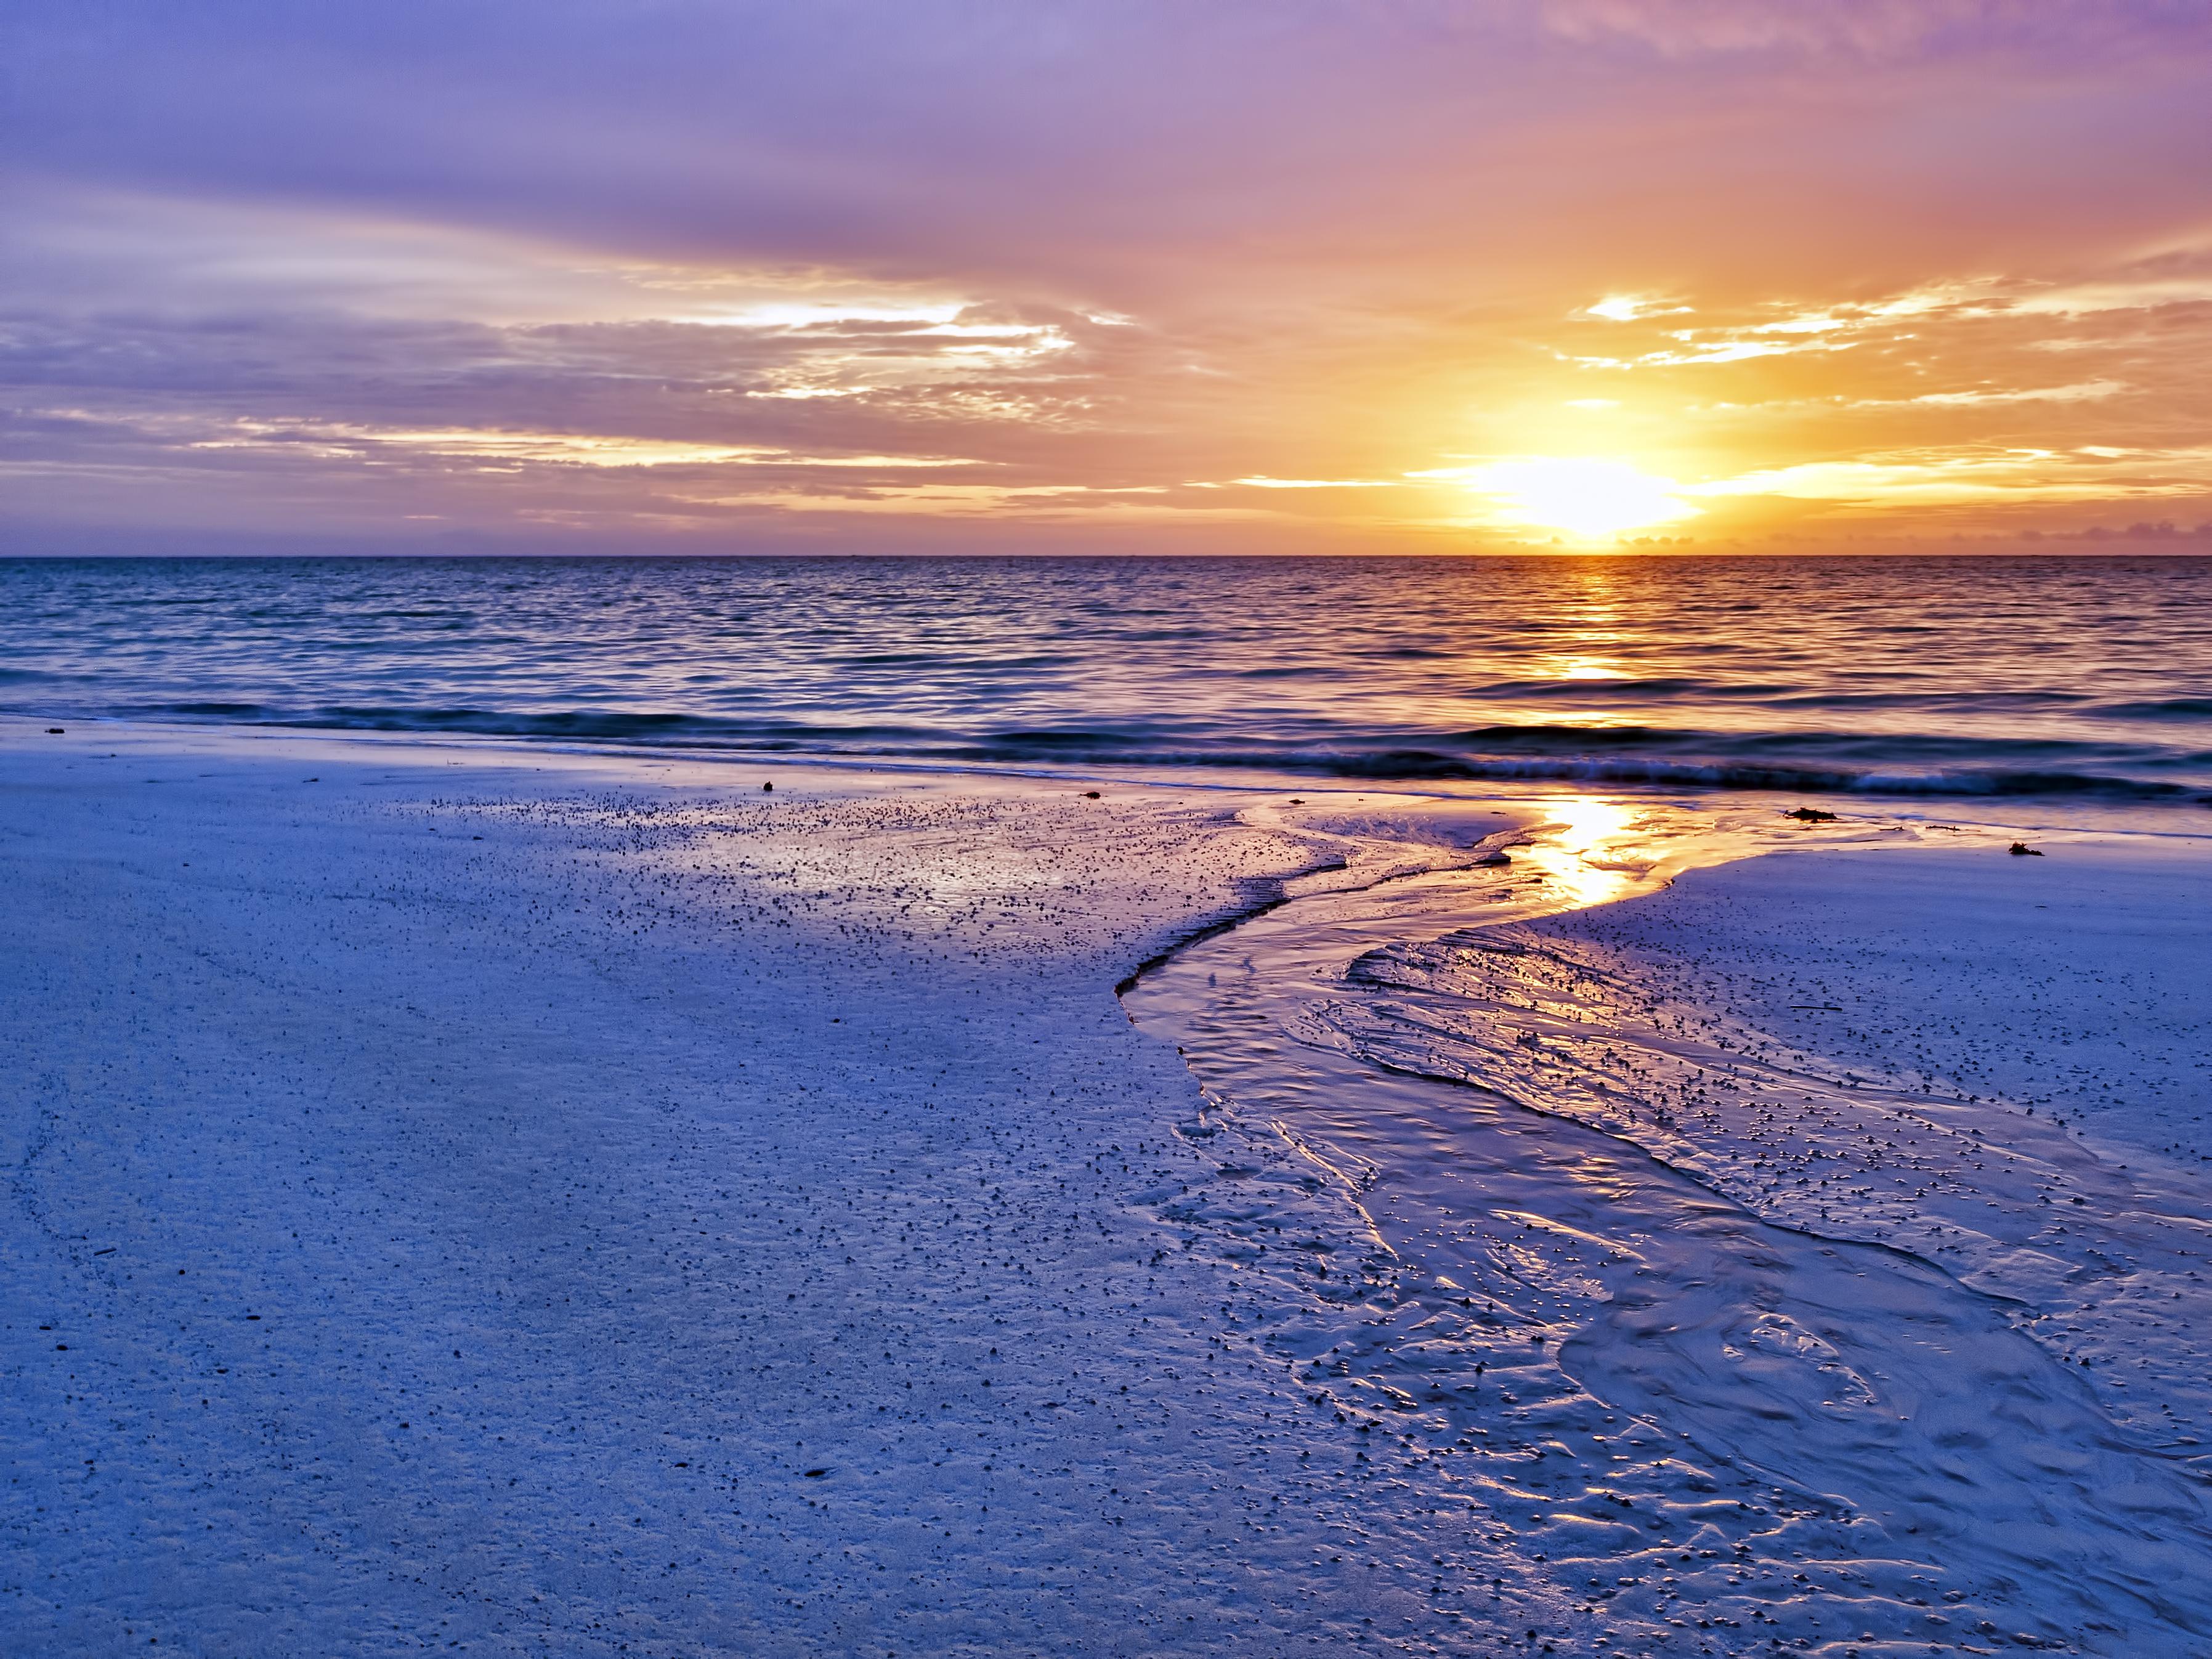 141262 Hintergrundbild herunterladen Licht, Landschaft, Natur, Sunset, Sea, Ufer, Bank, Scheinen - Bildschirmschoner und Bilder kostenlos